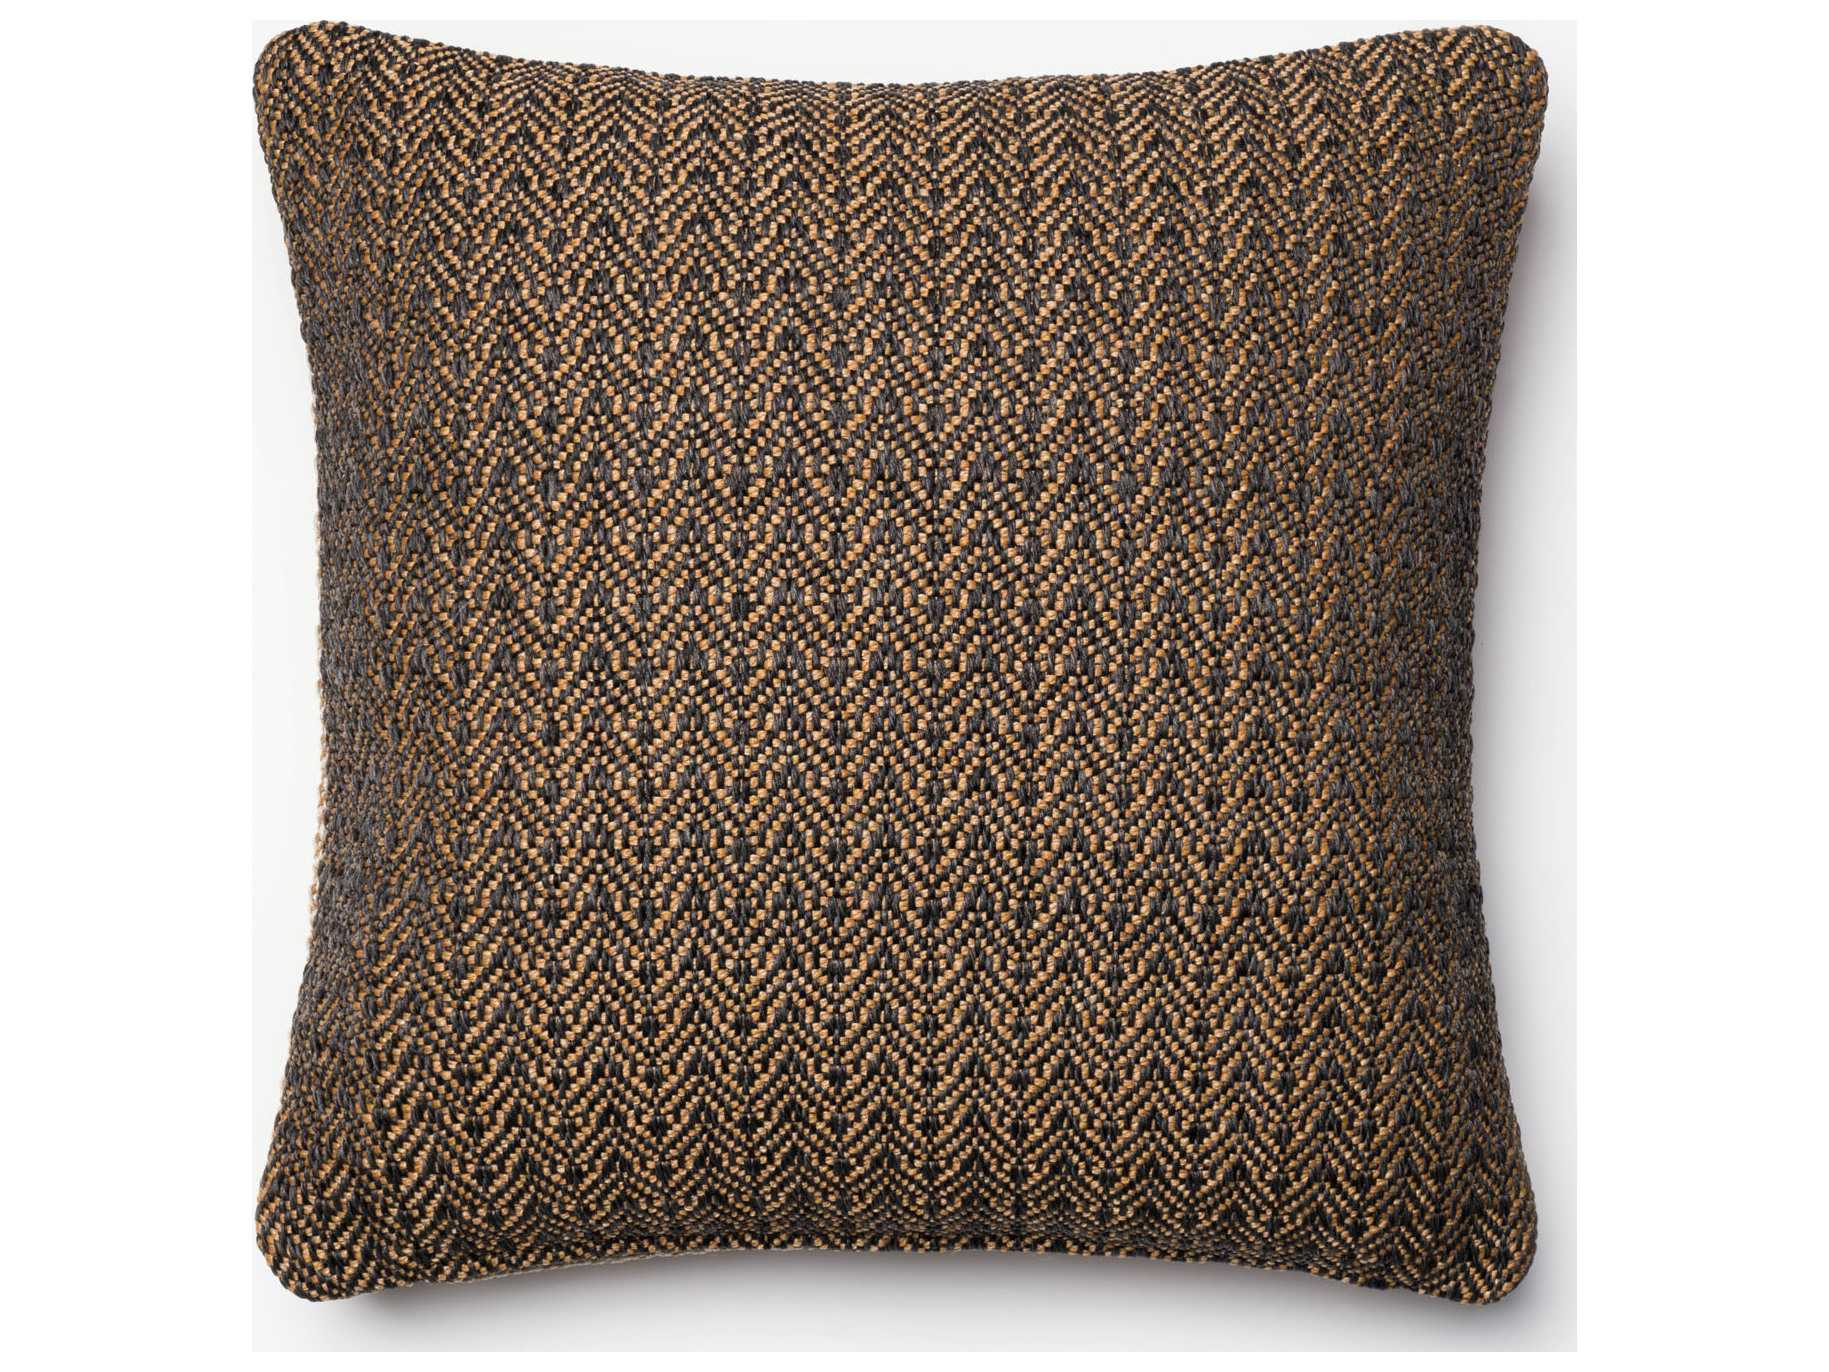 Loloi rugs 18 39 39 square black gold pillow p0061blgopil1 for Loloi pillows